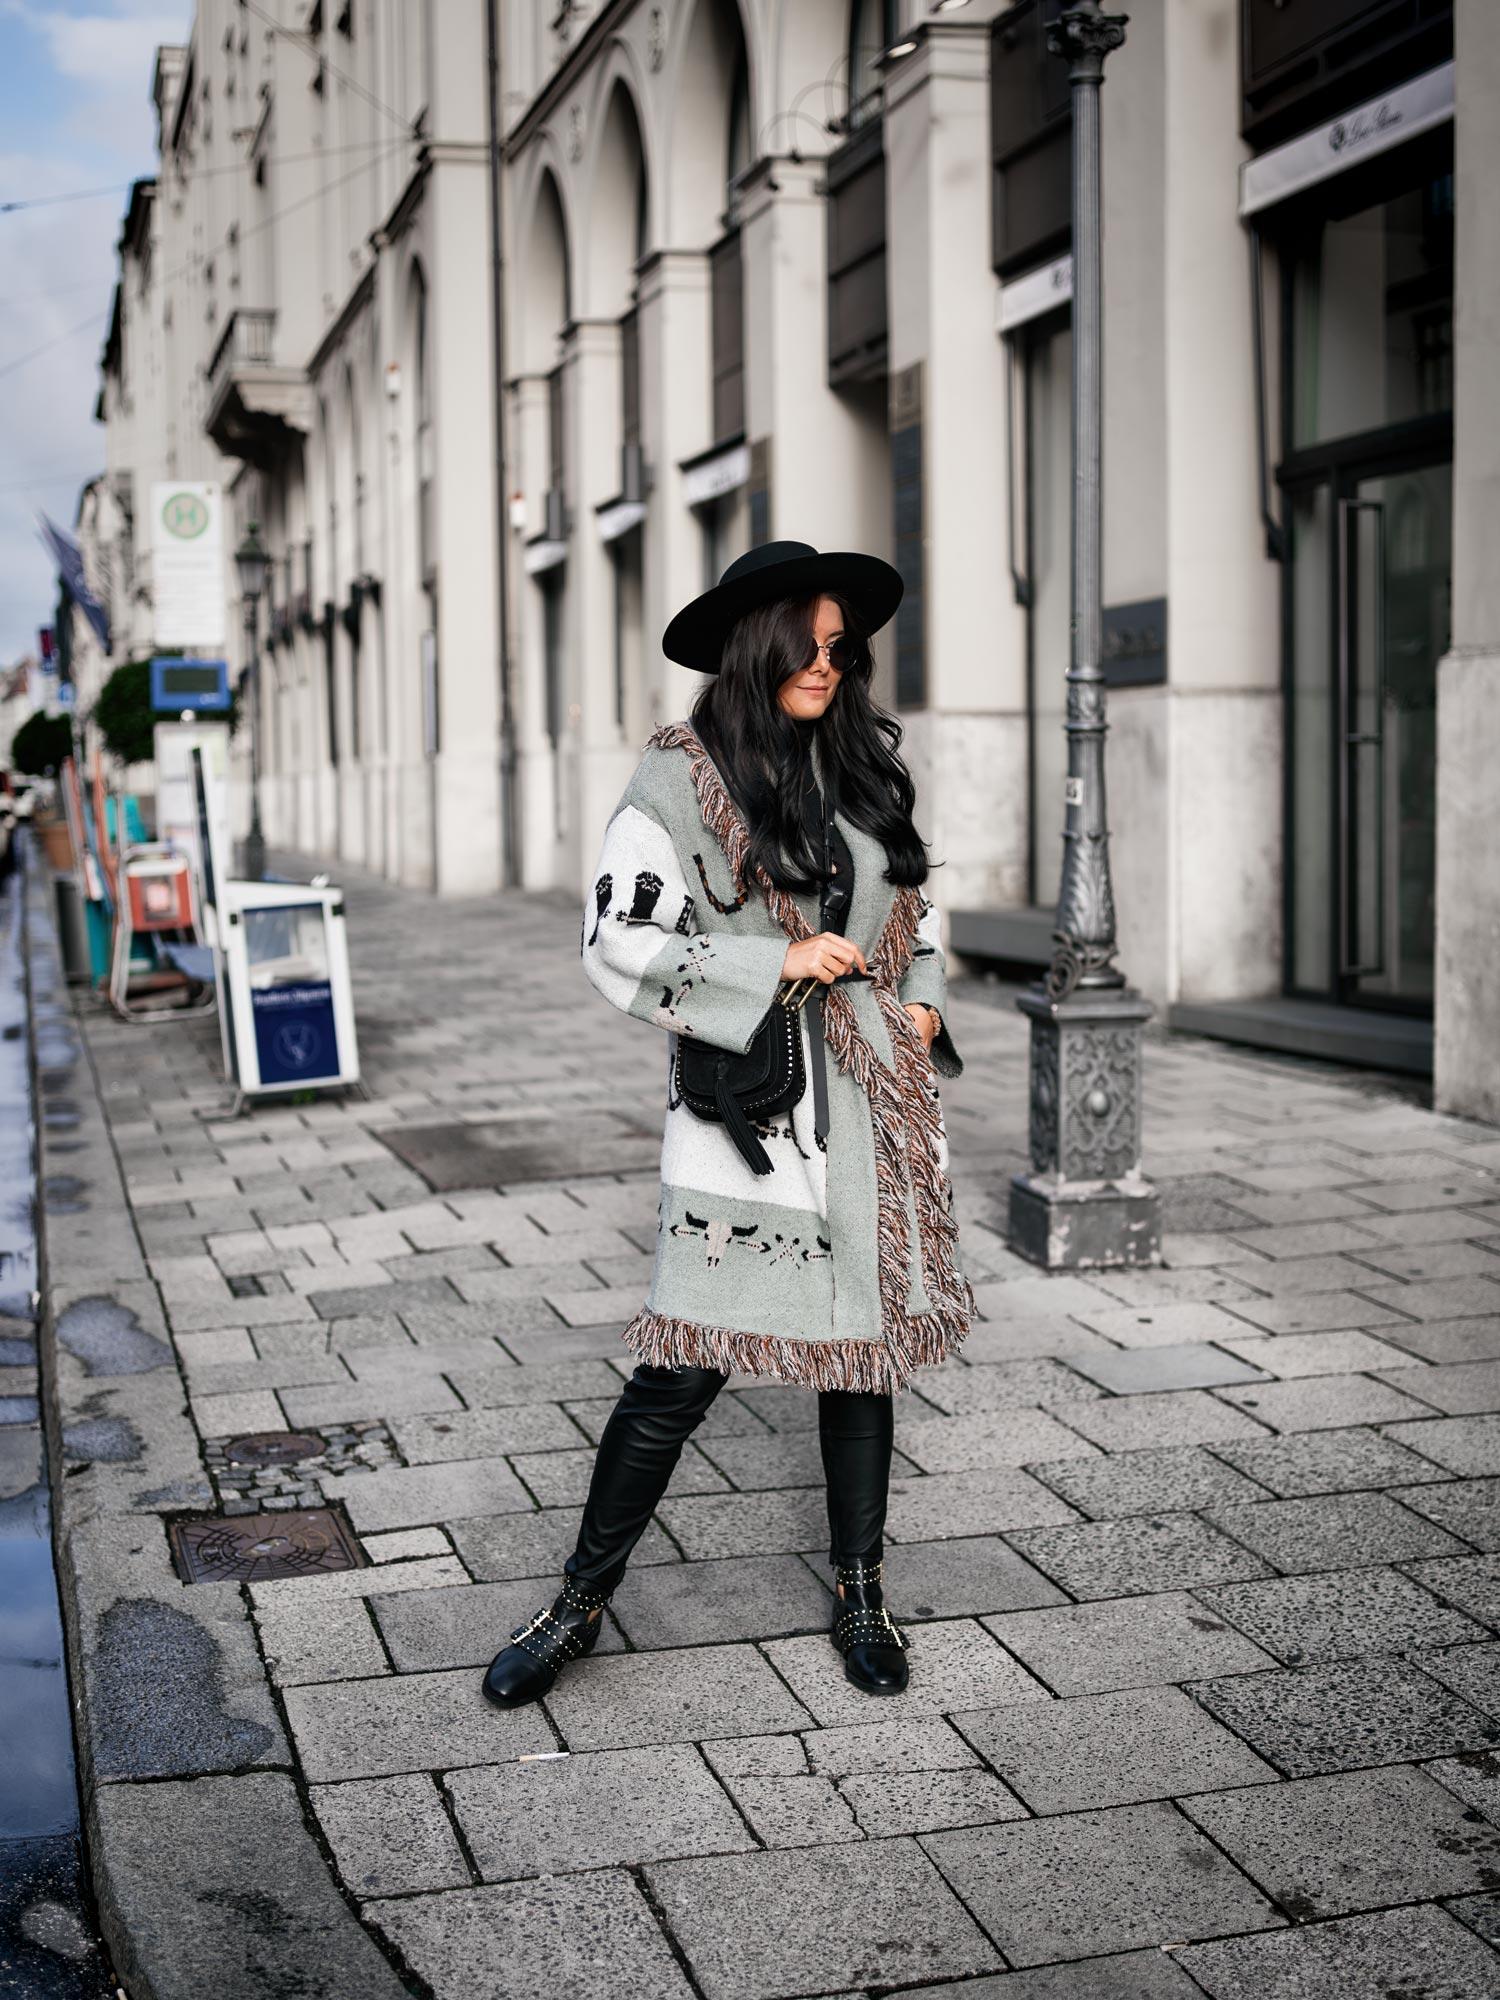 bloggerdeutschland-fashionblogger-fashionblog-lifestyleblogger-beautyblogger-fashion-blogger-modeblogger-modeblog-munich-blog-muenchen-trend-poncho-und-wie-man-diesen-stylt